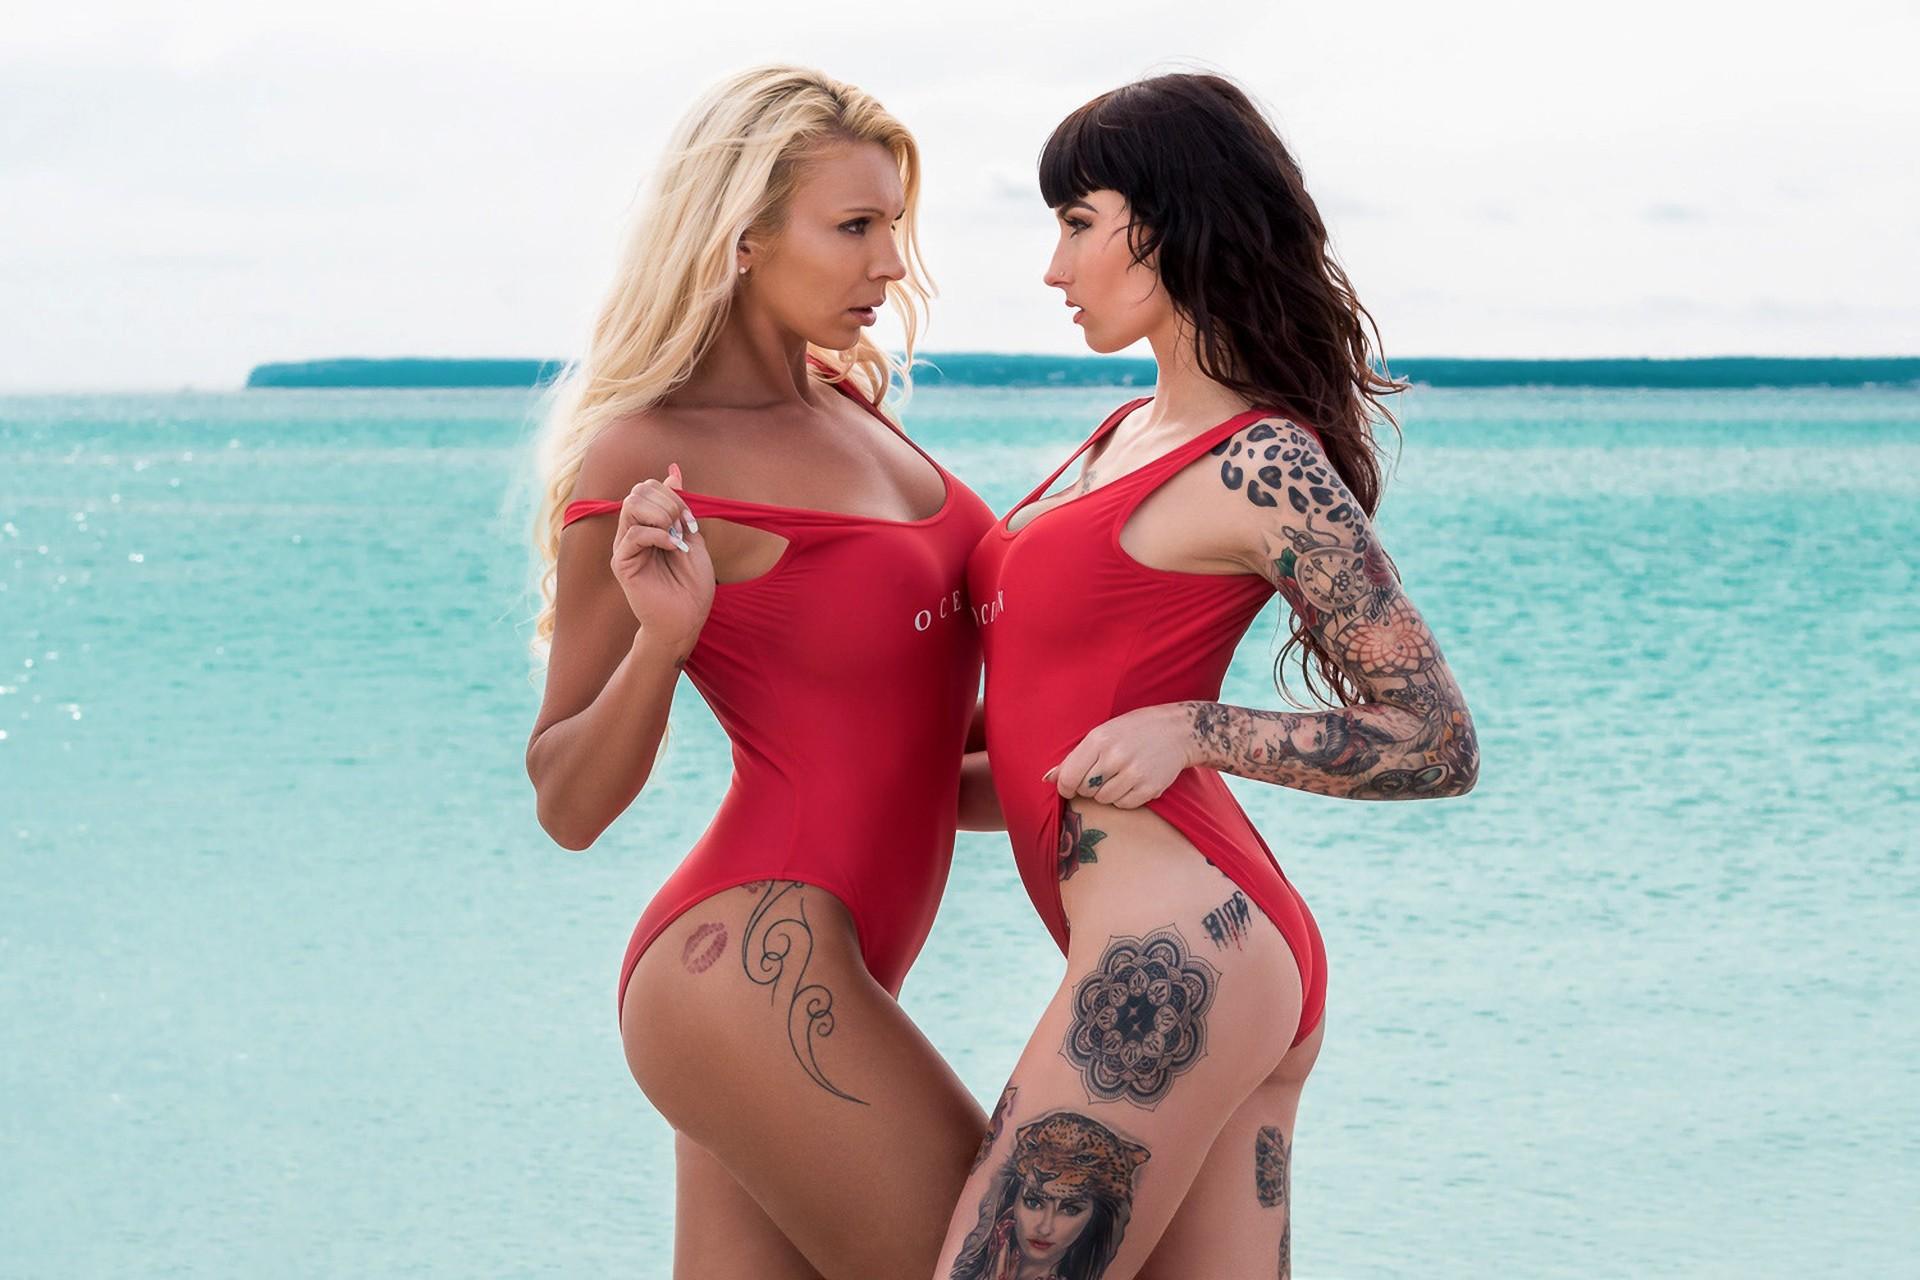 Две девушки в татуировках развлекаются, смотреть порно видео онлайн через планшет без скачивания